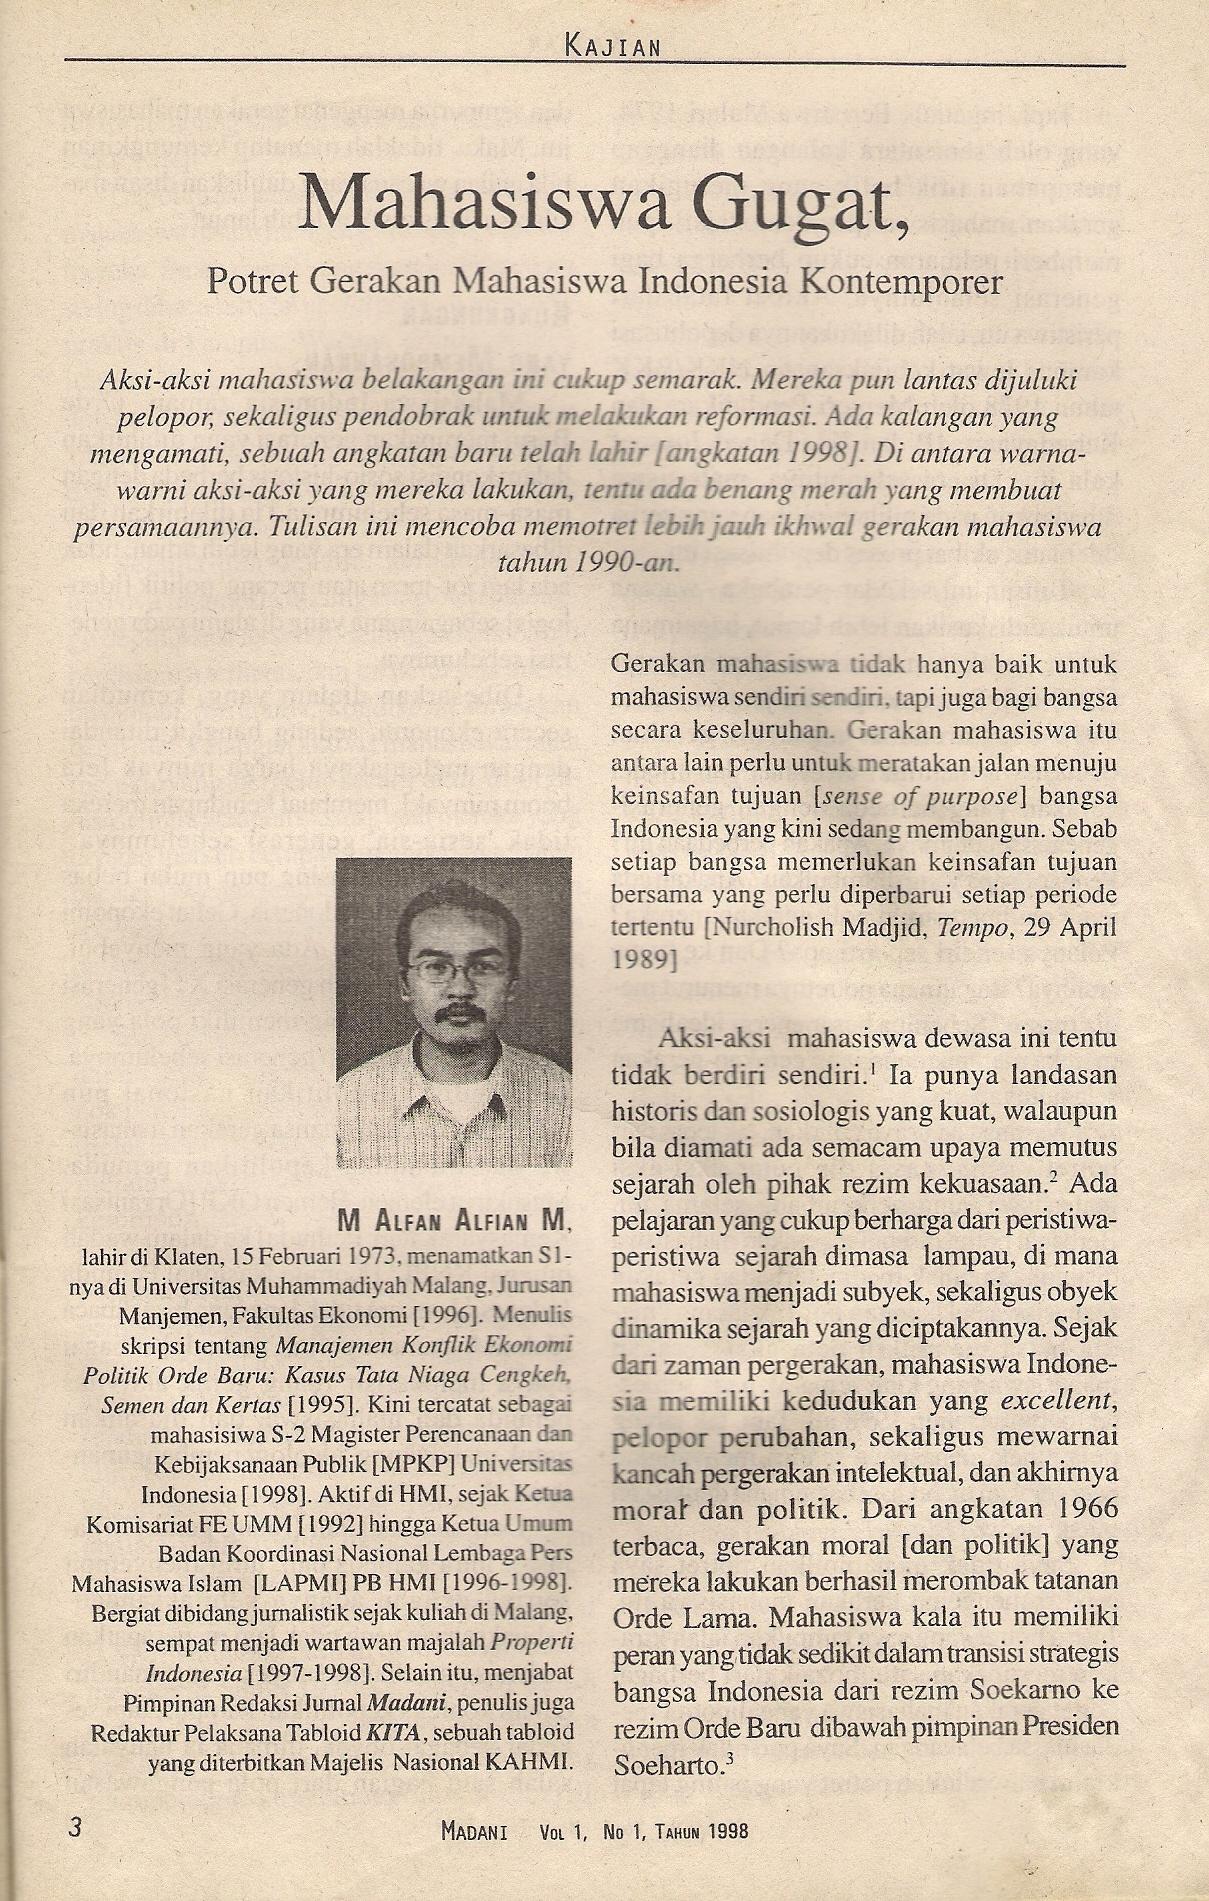 Dokumentasi Foto Peluncuran Jurnal Madani PB HMI Periode 1997-1999